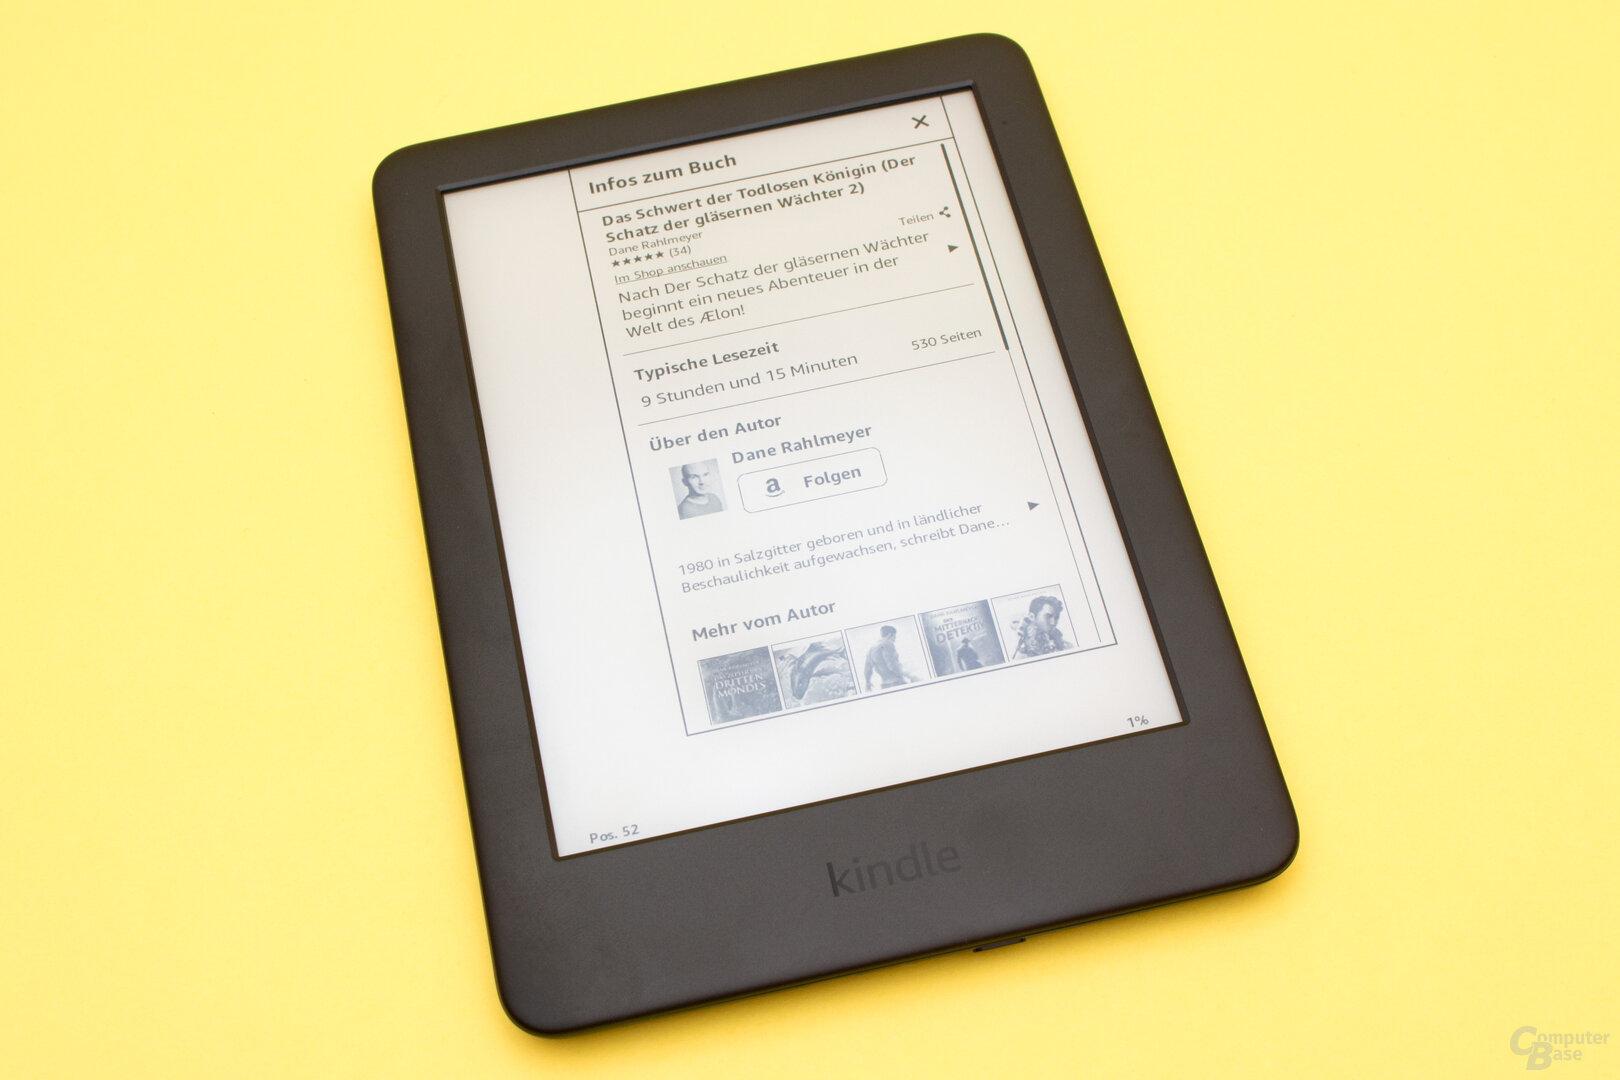 Auf Wunsch gibt es Informationen zum Inhalt eines Buches